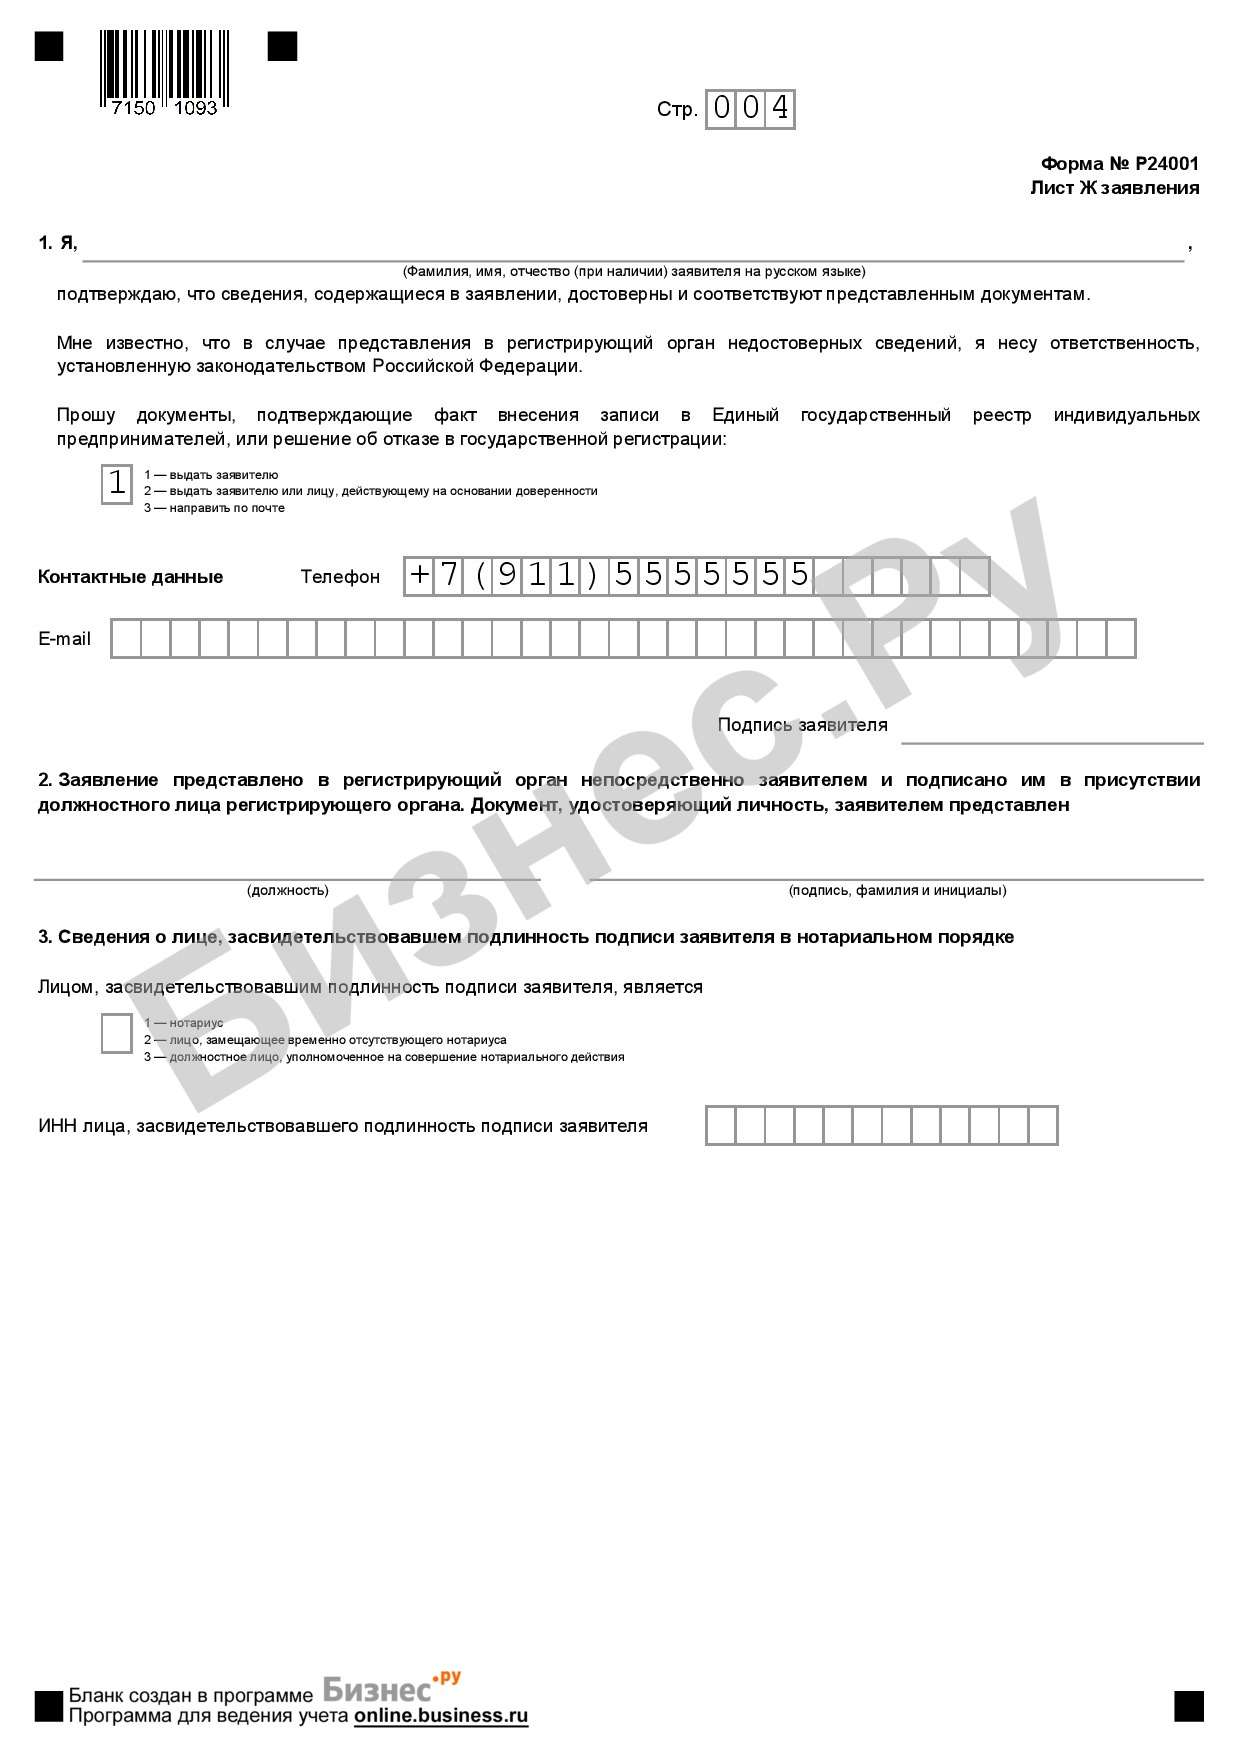 Р24001 заявление о внесении изменений в сведения об ип п21 - 815